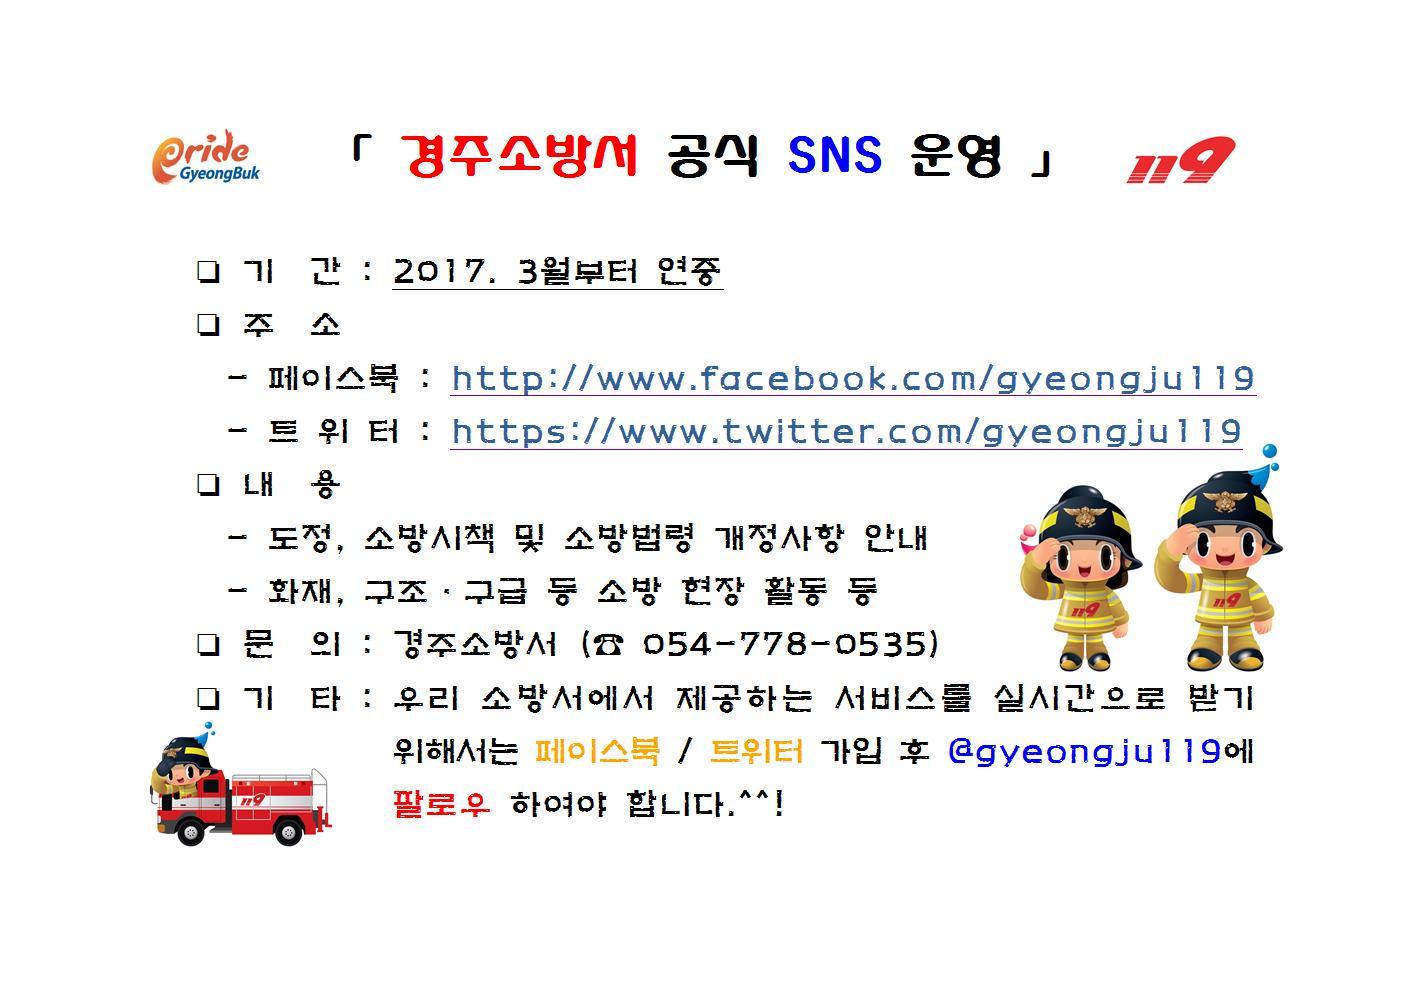 「 경주소방서 공식 SNS 운영 」001.jpg